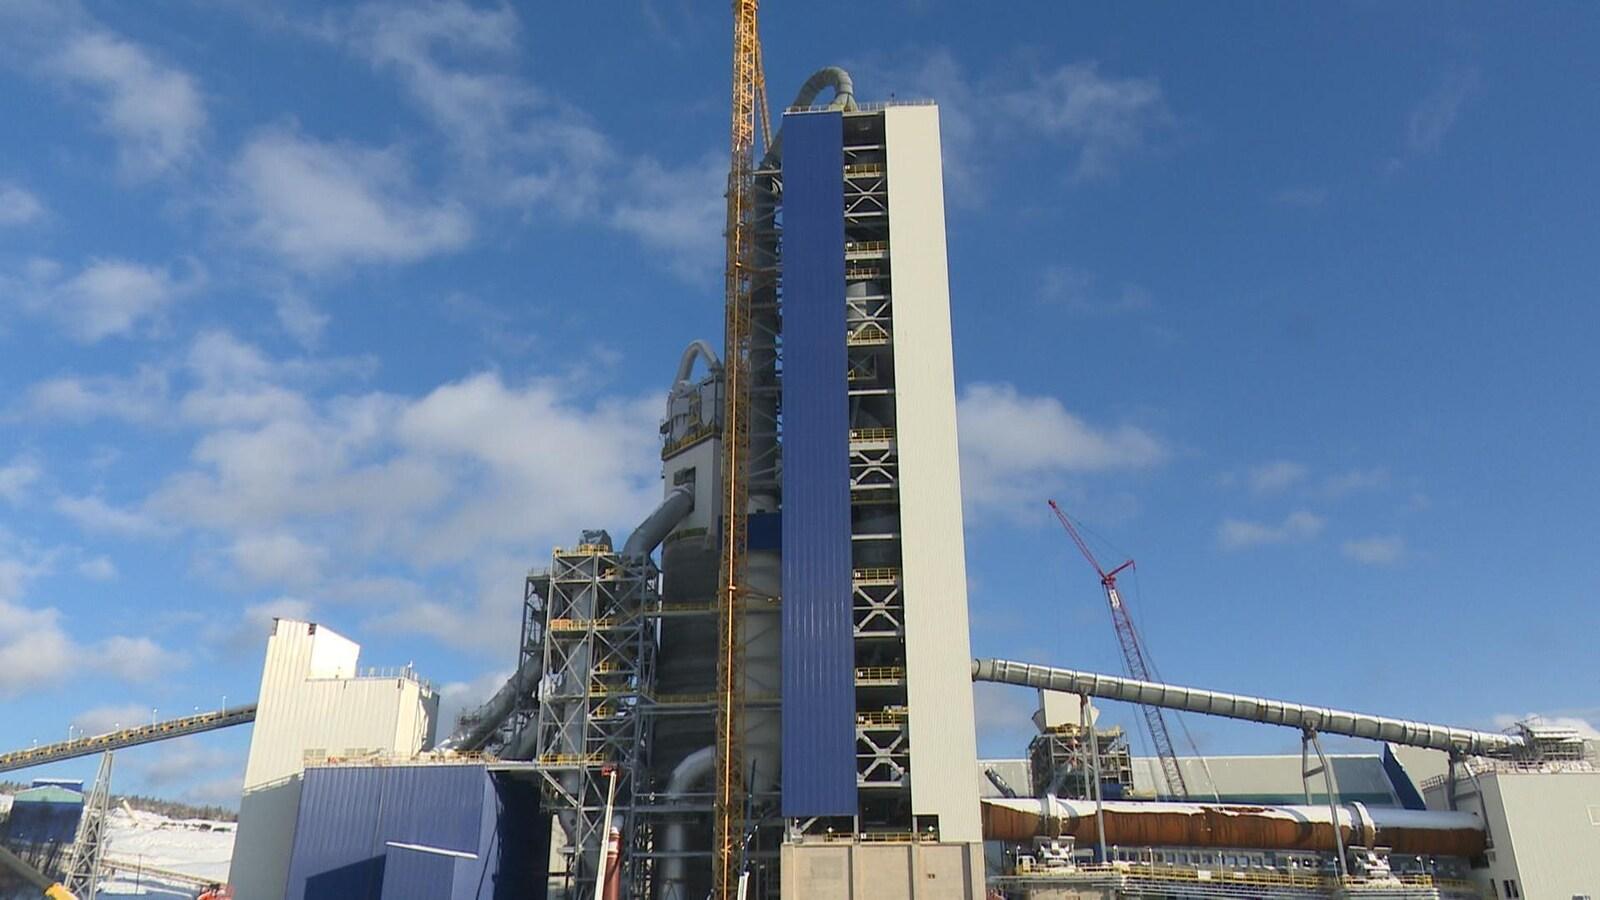 La cimenterie Ciment McInnis pourra produire 3,2 millions de tonnes métriques de ciment.